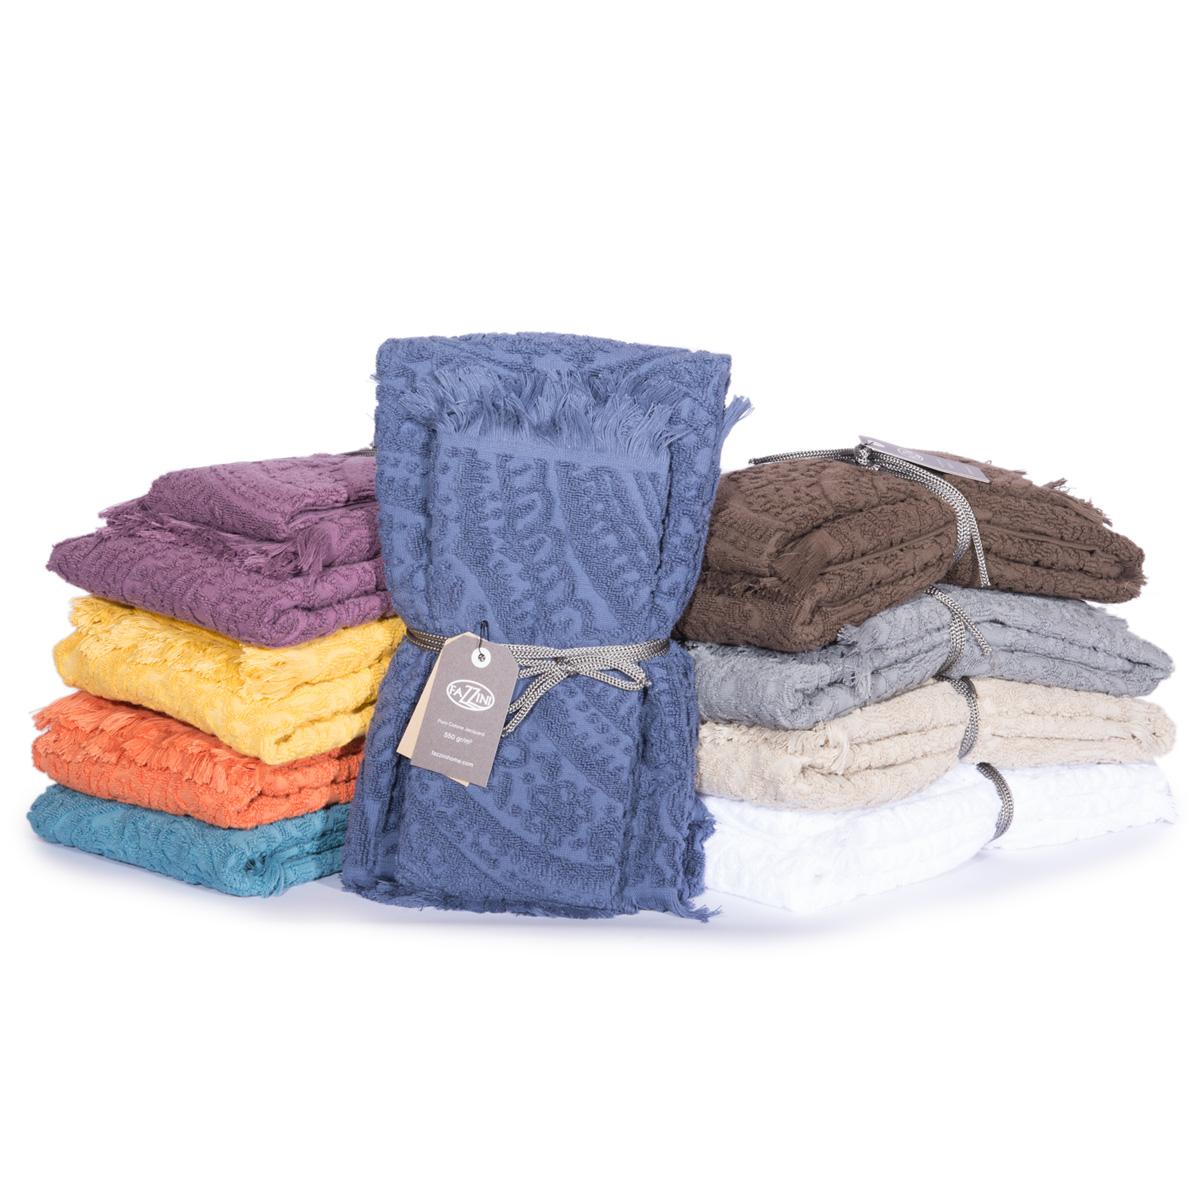 daedef7c40 Asciugamani Viso + Ospite Dafne FAZZINI - Cose di Casa, un mondo di  accessori per la casa